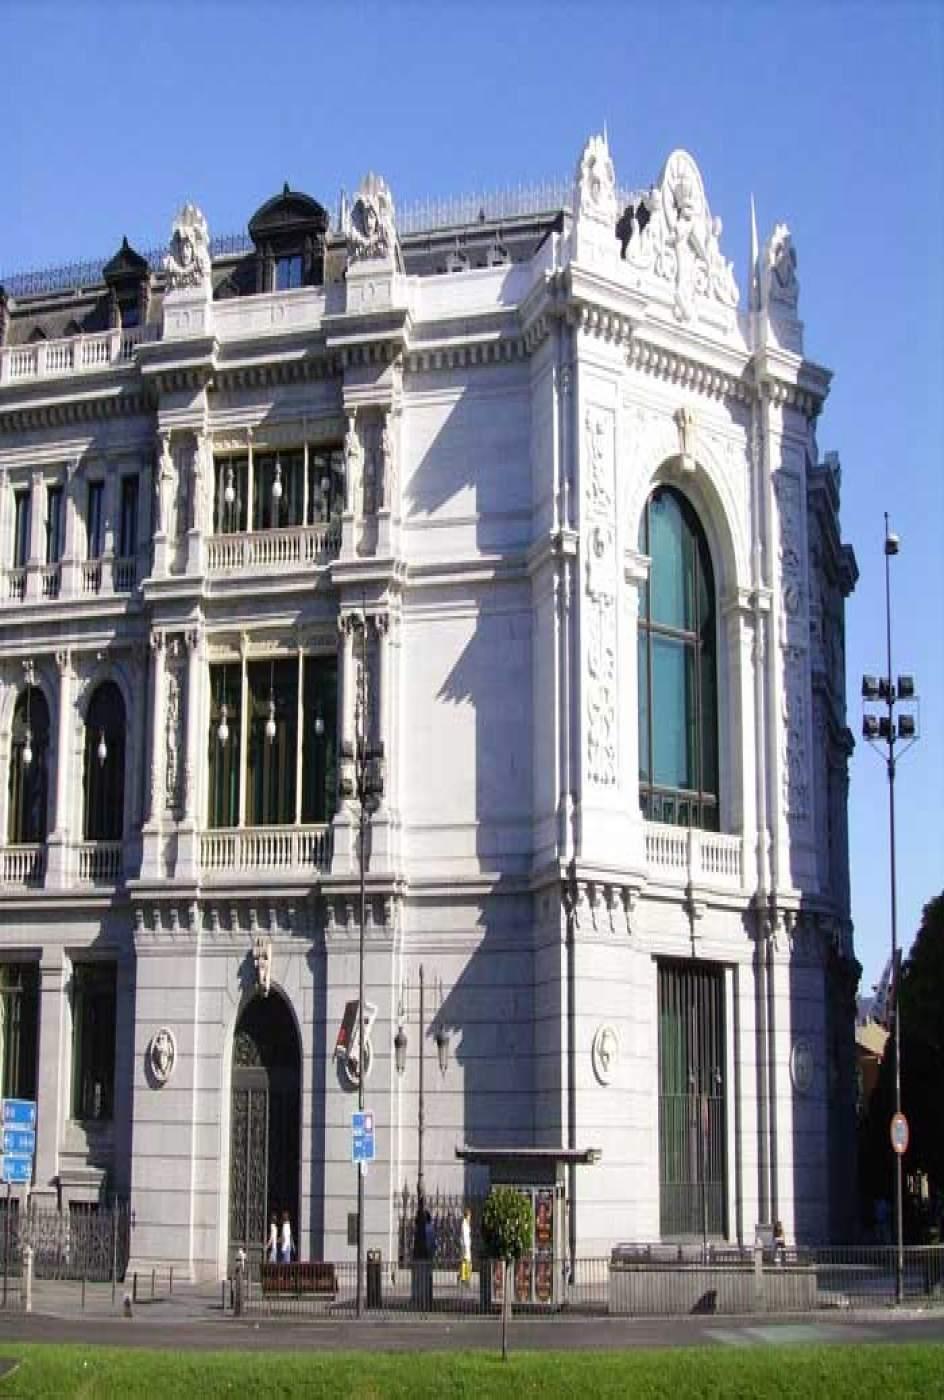 Sucursales Banco Espana Of El Banco De Espa A Cerrar Siete De Sus 22 Sucursales En